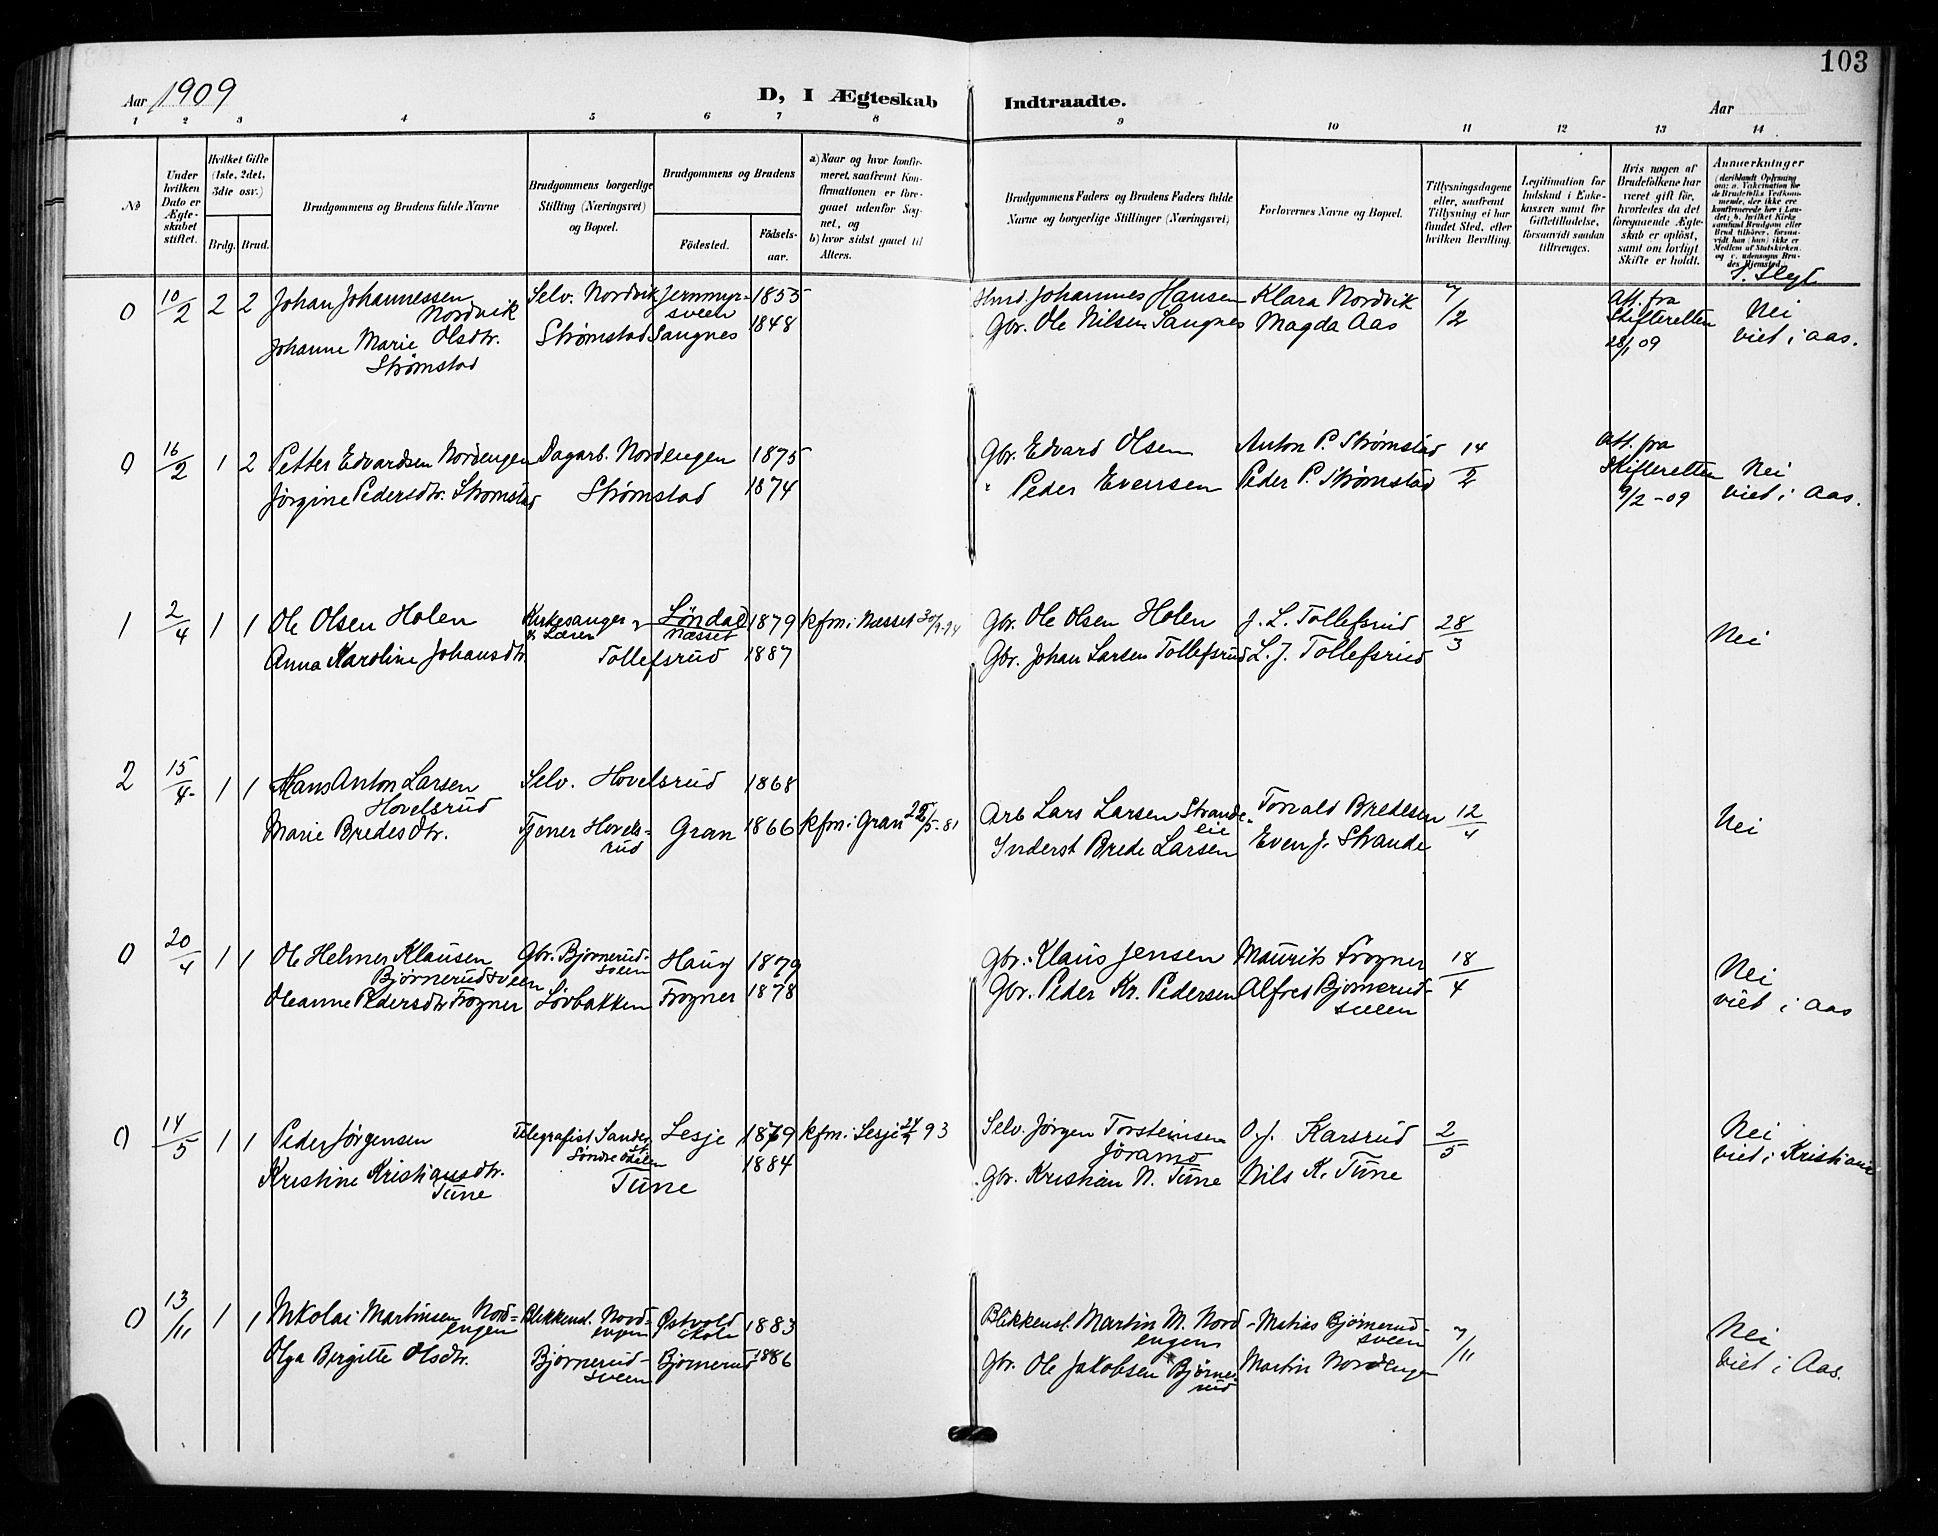 SAH, Vestre Toten prestekontor, Klokkerbok nr. 16, 1901-1915, s. 103